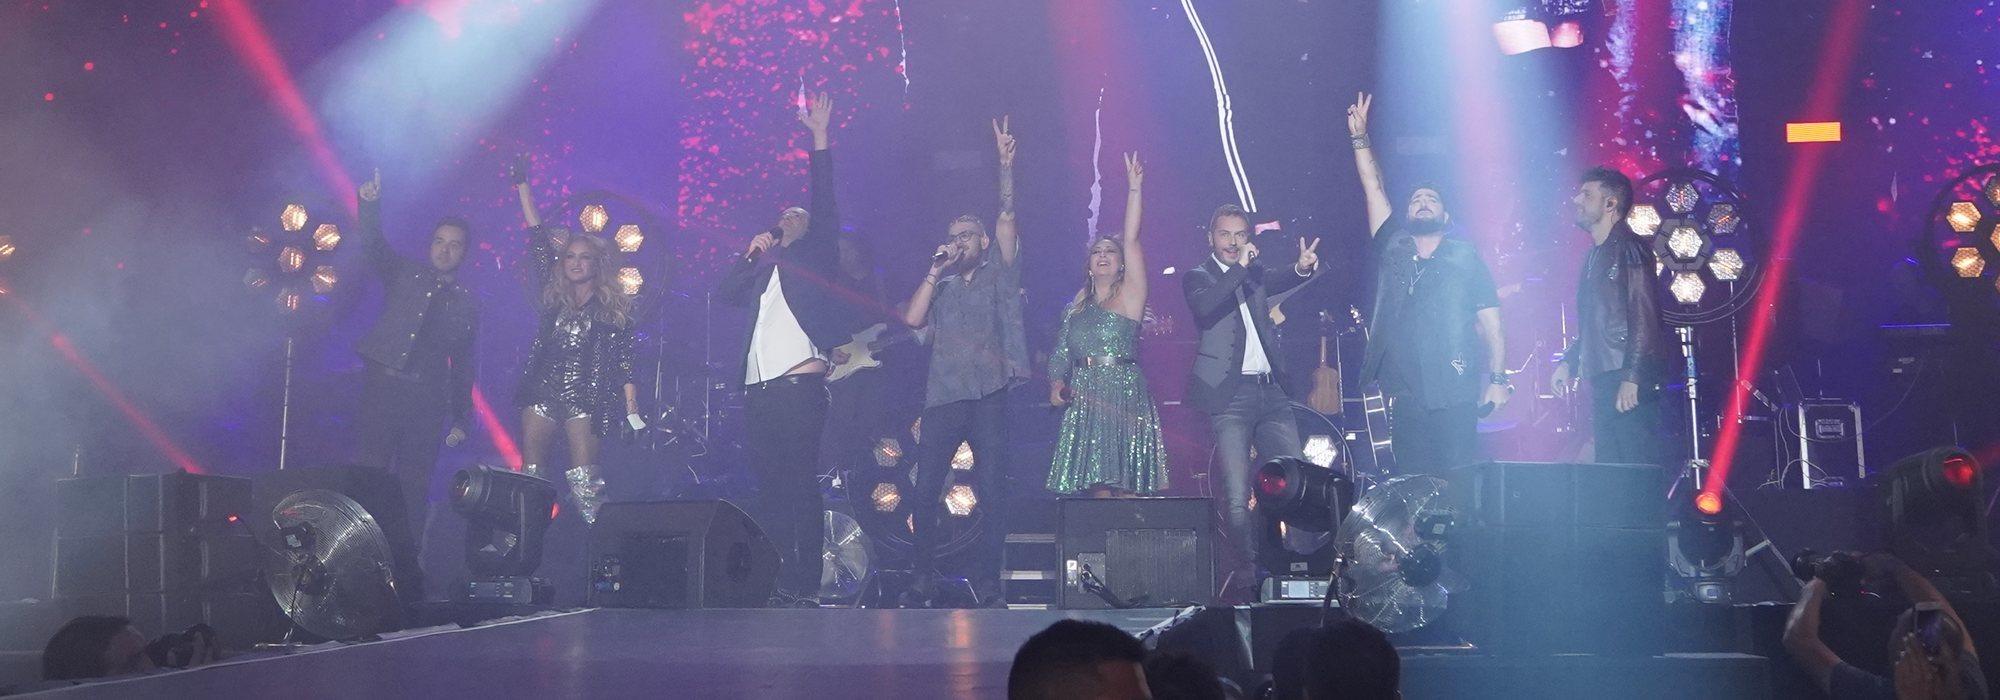 'La Voz' suena más fuerte que nunca con un espectacular concierto que conquista el WiZink Center de Madrid